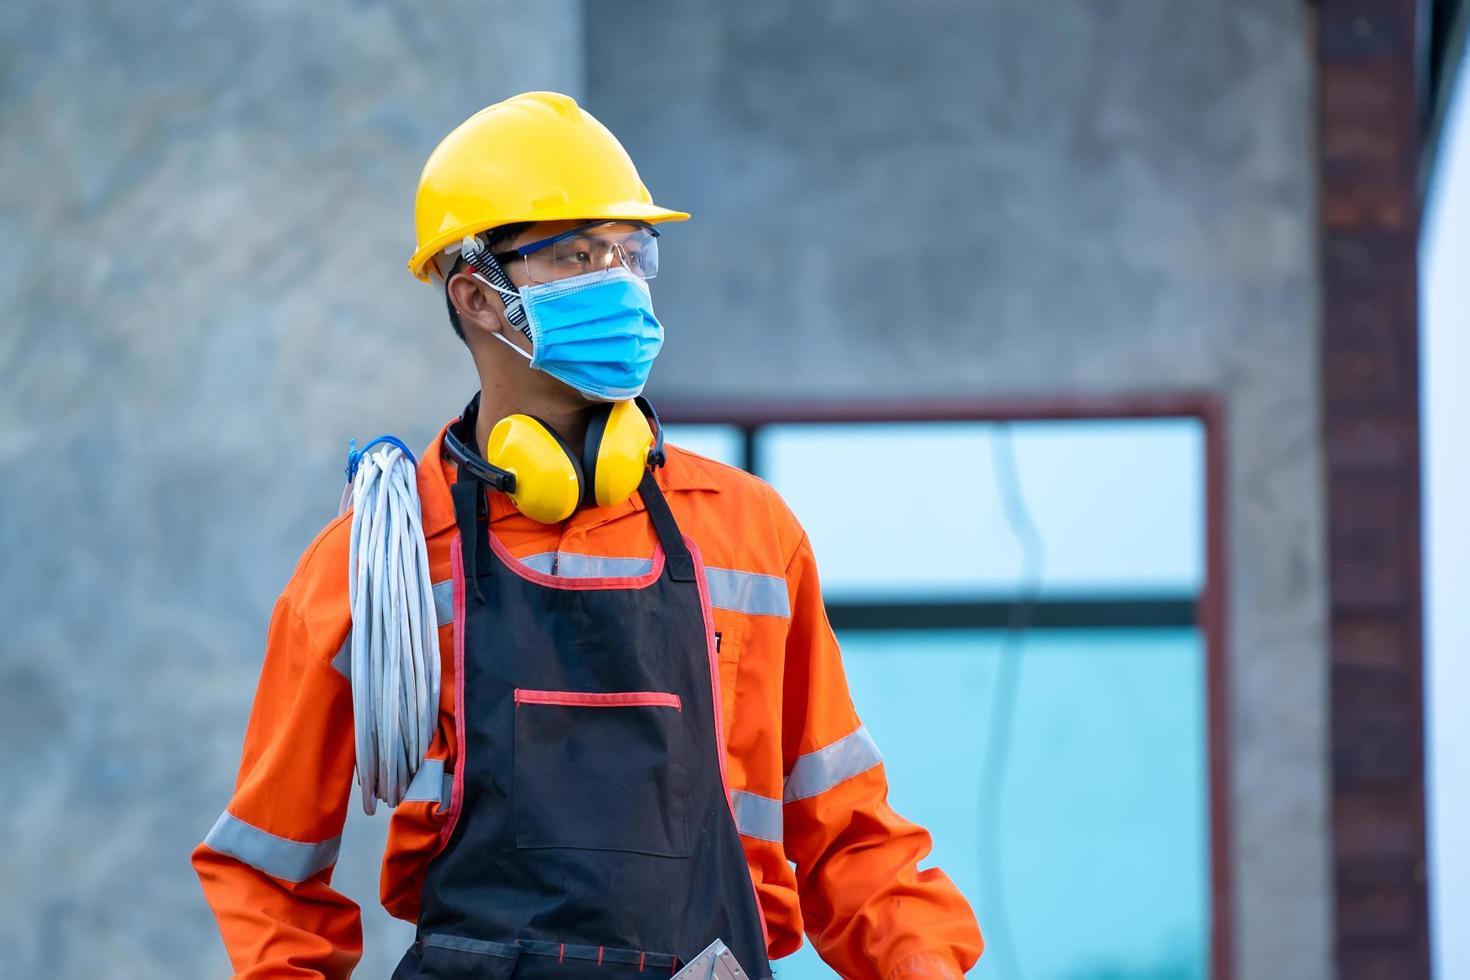 byggnadsarbetare som bär säkerhetsutrustning foto